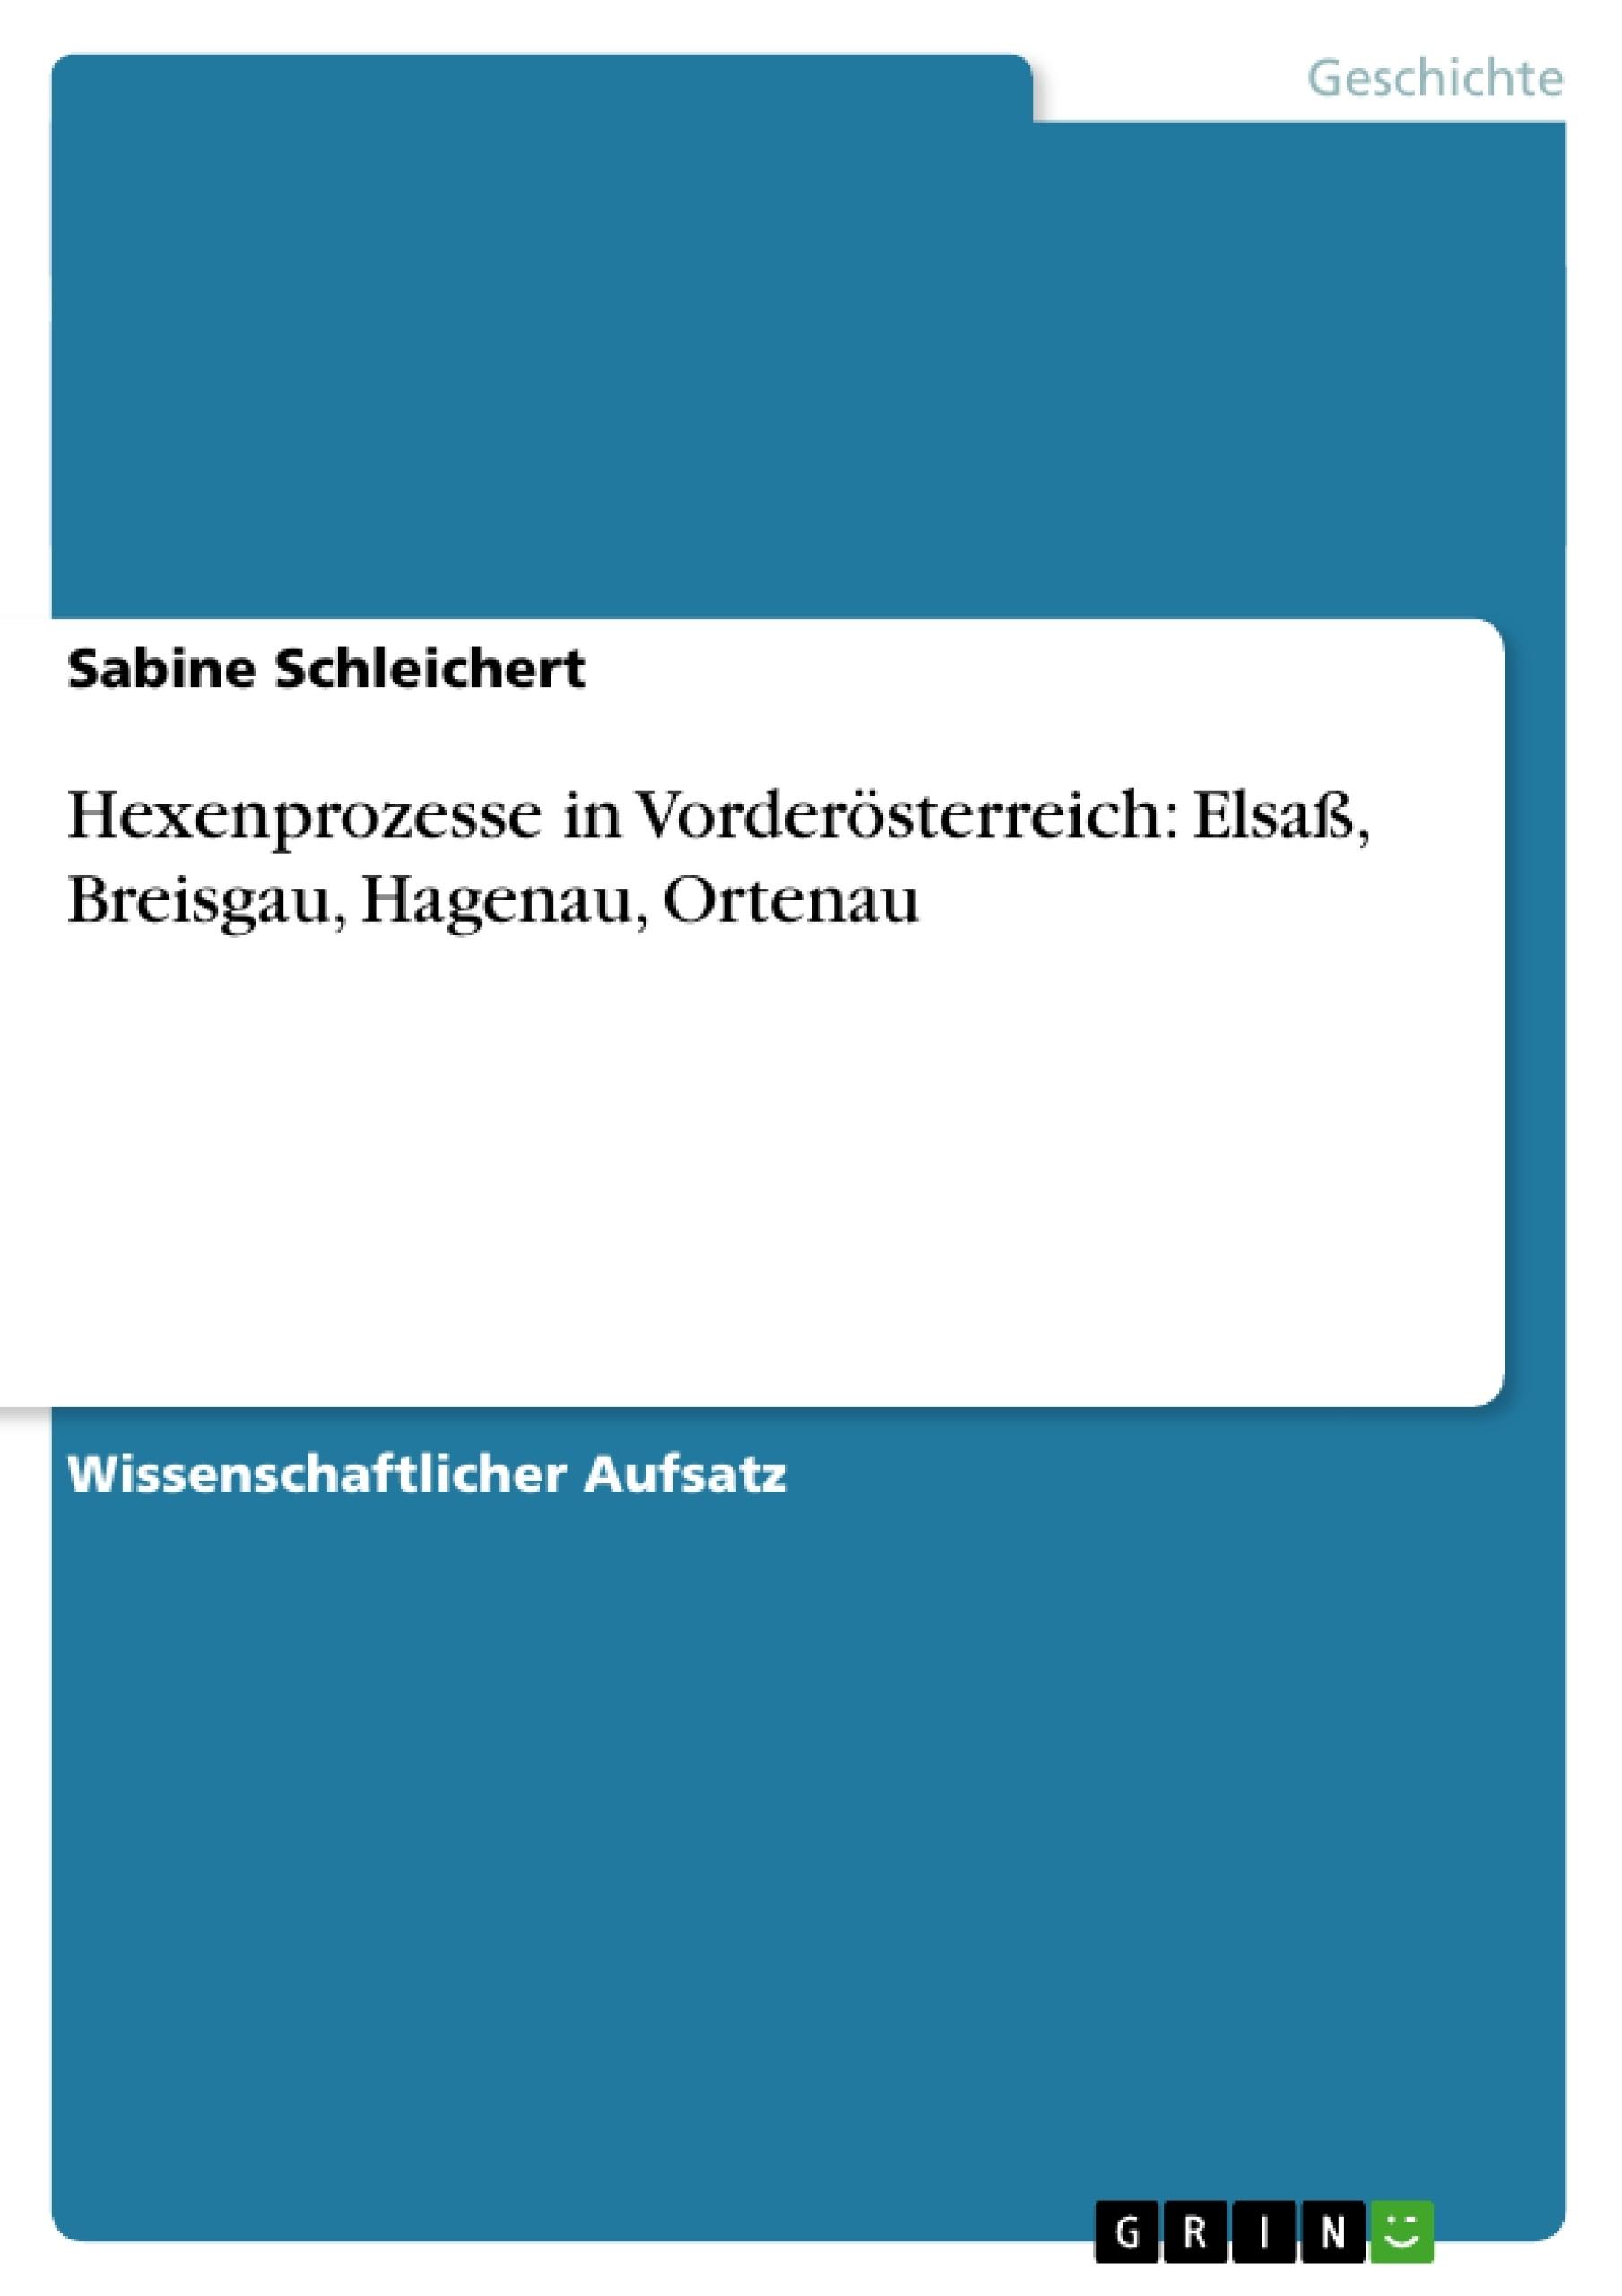 Titel: Hexenprozesse in Vorderösterreich: Elsaß, Breisgau, Hagenau, Ortenau